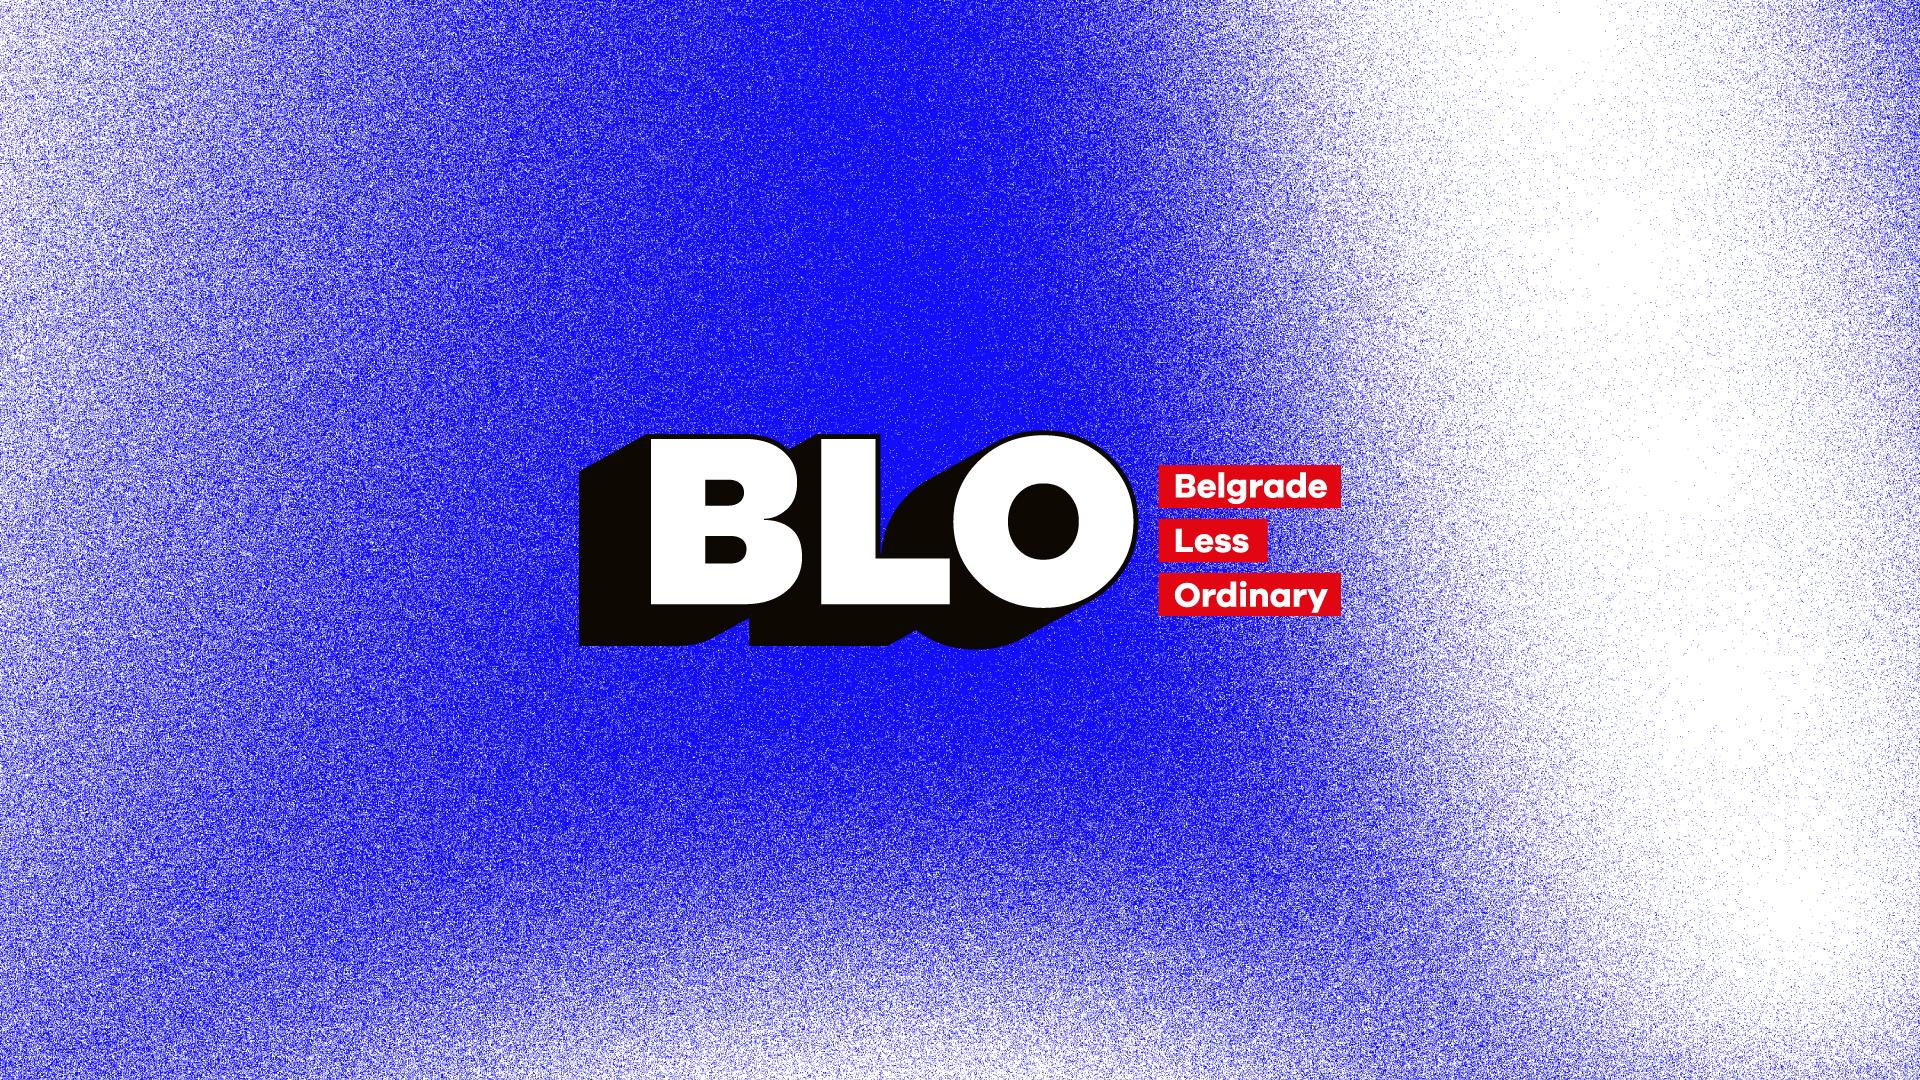 blo 1.png